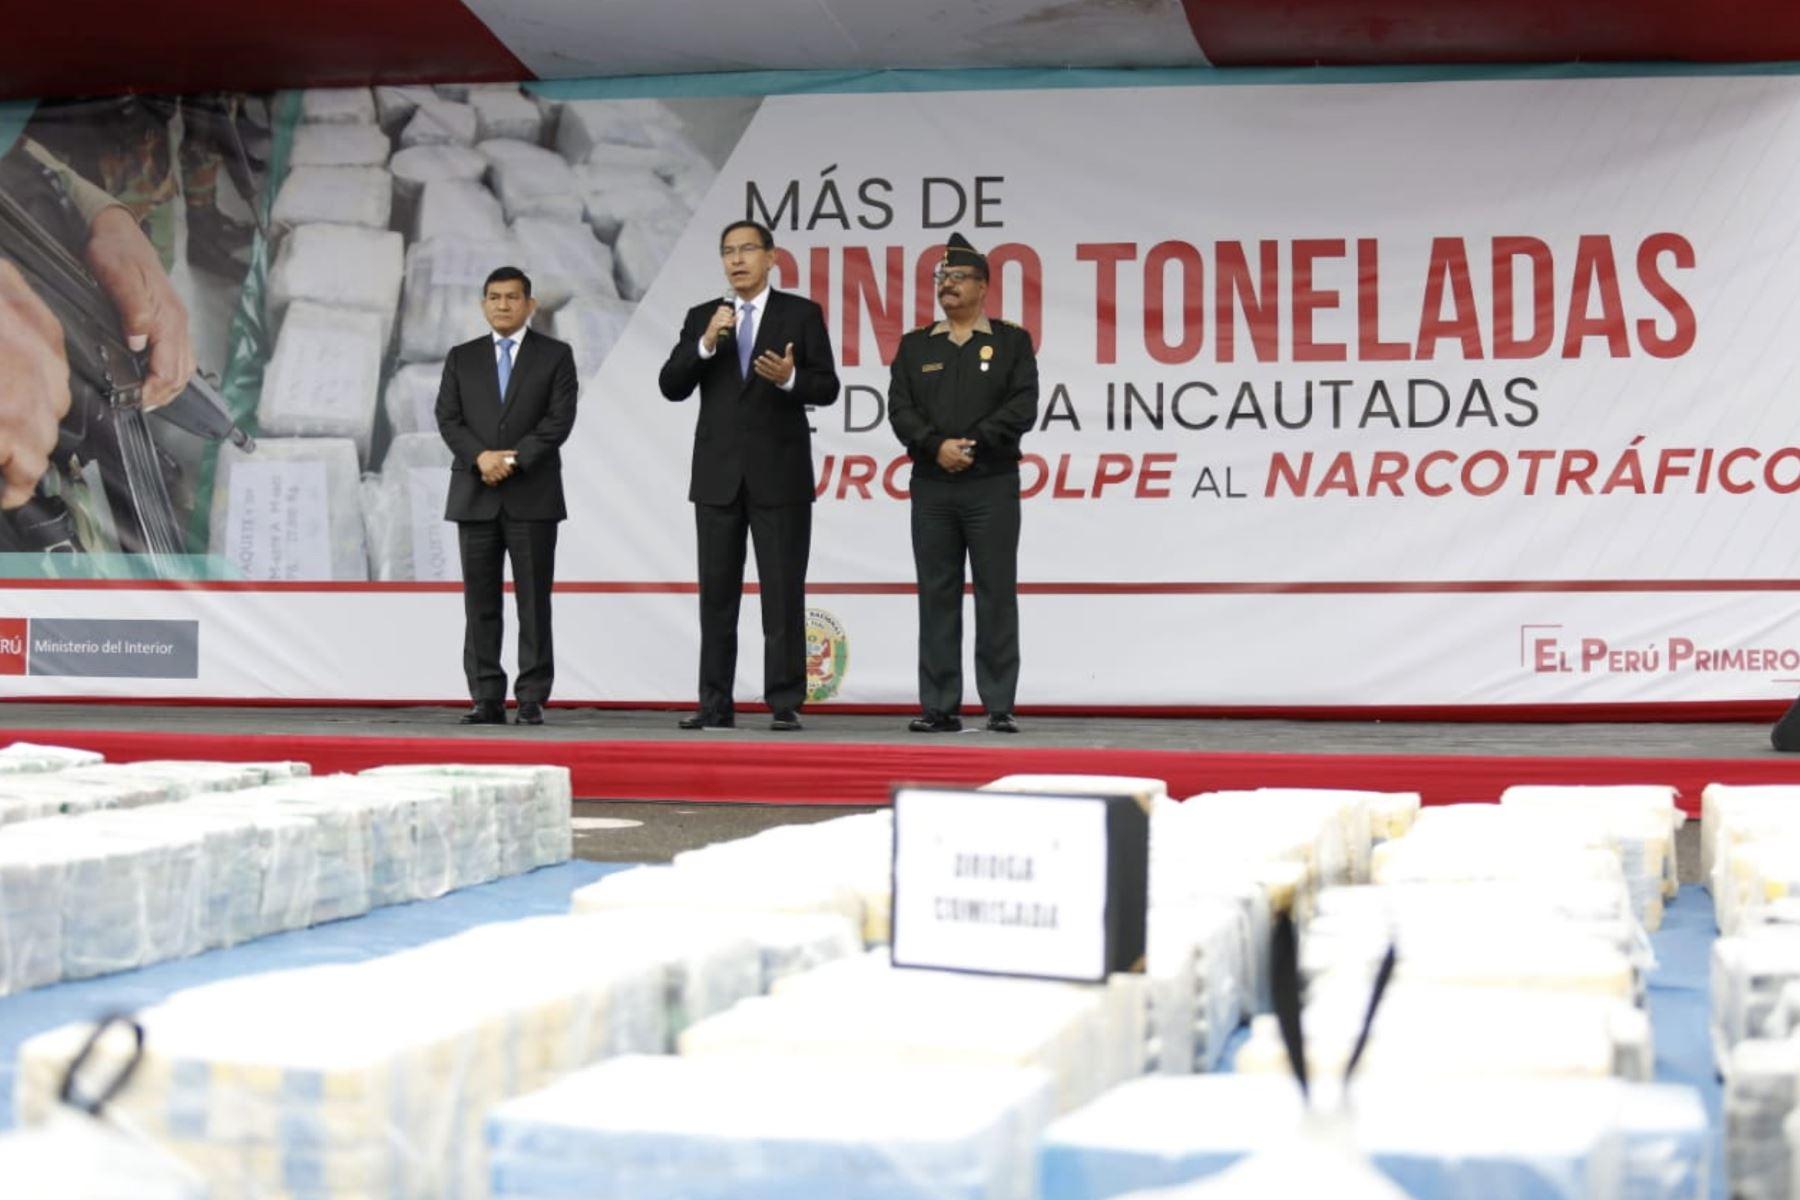 Martín Vizcarra: '¿Queremos tener el mismo tipo de política actual o queremos cambiar?'